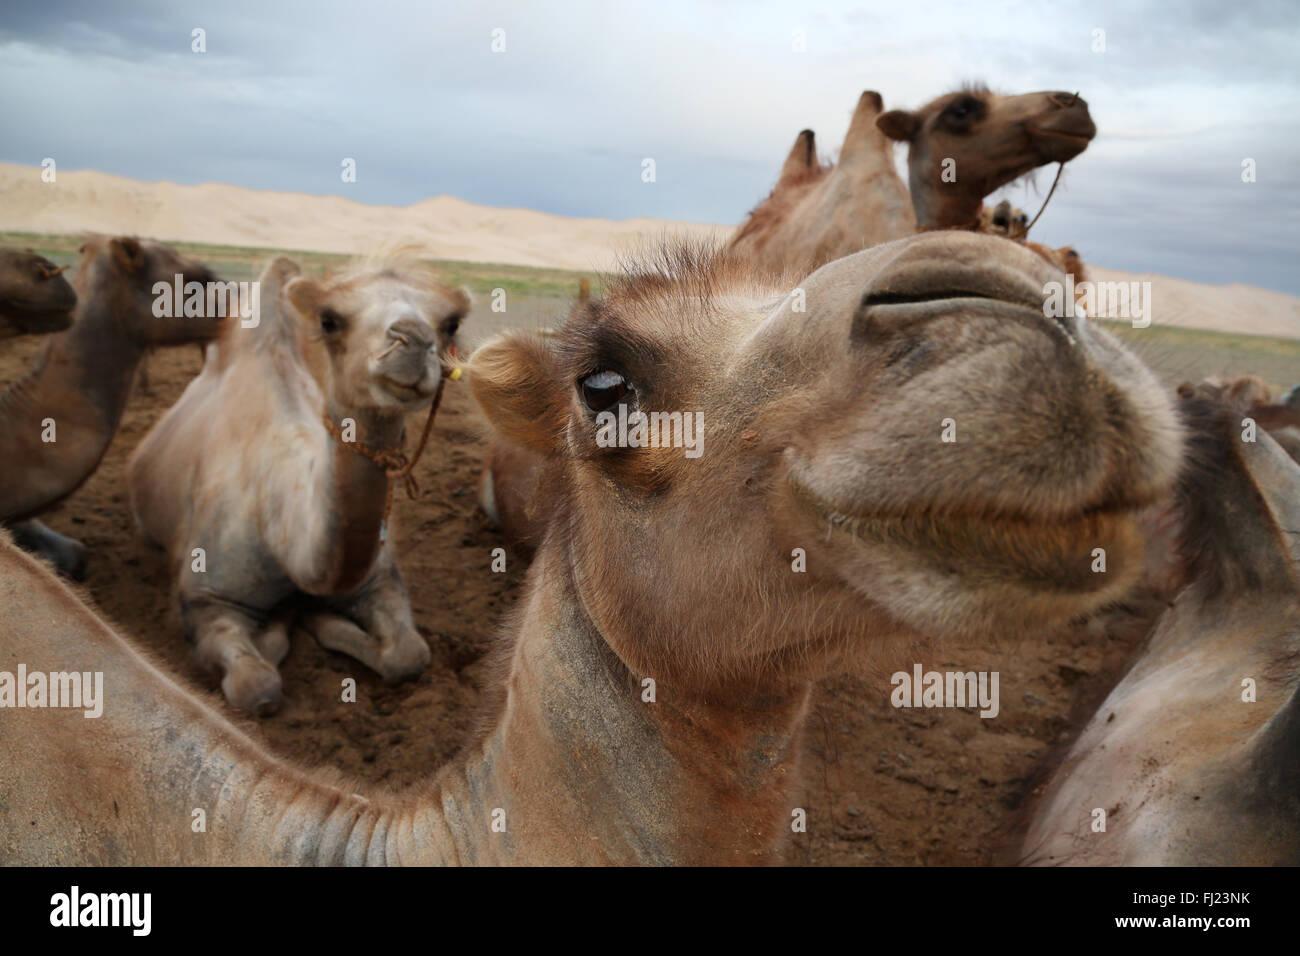 Wild camels in Gobi desert, Mongolia - Stock Image